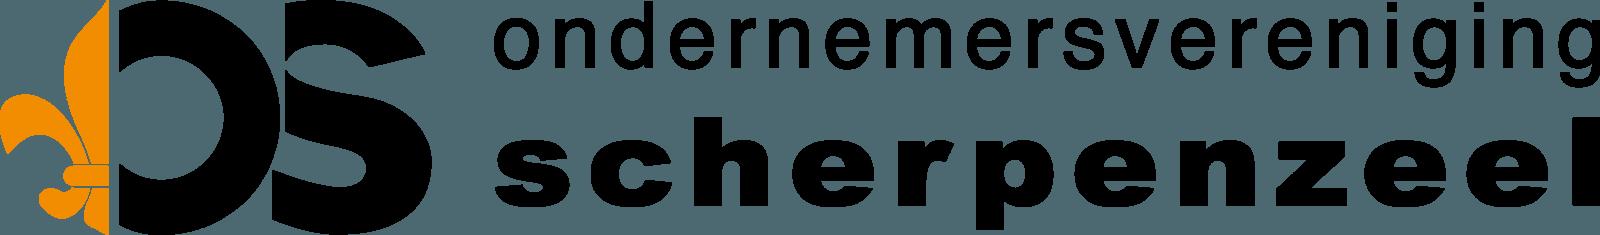 Ondernemersvereniging Scherpenzeel